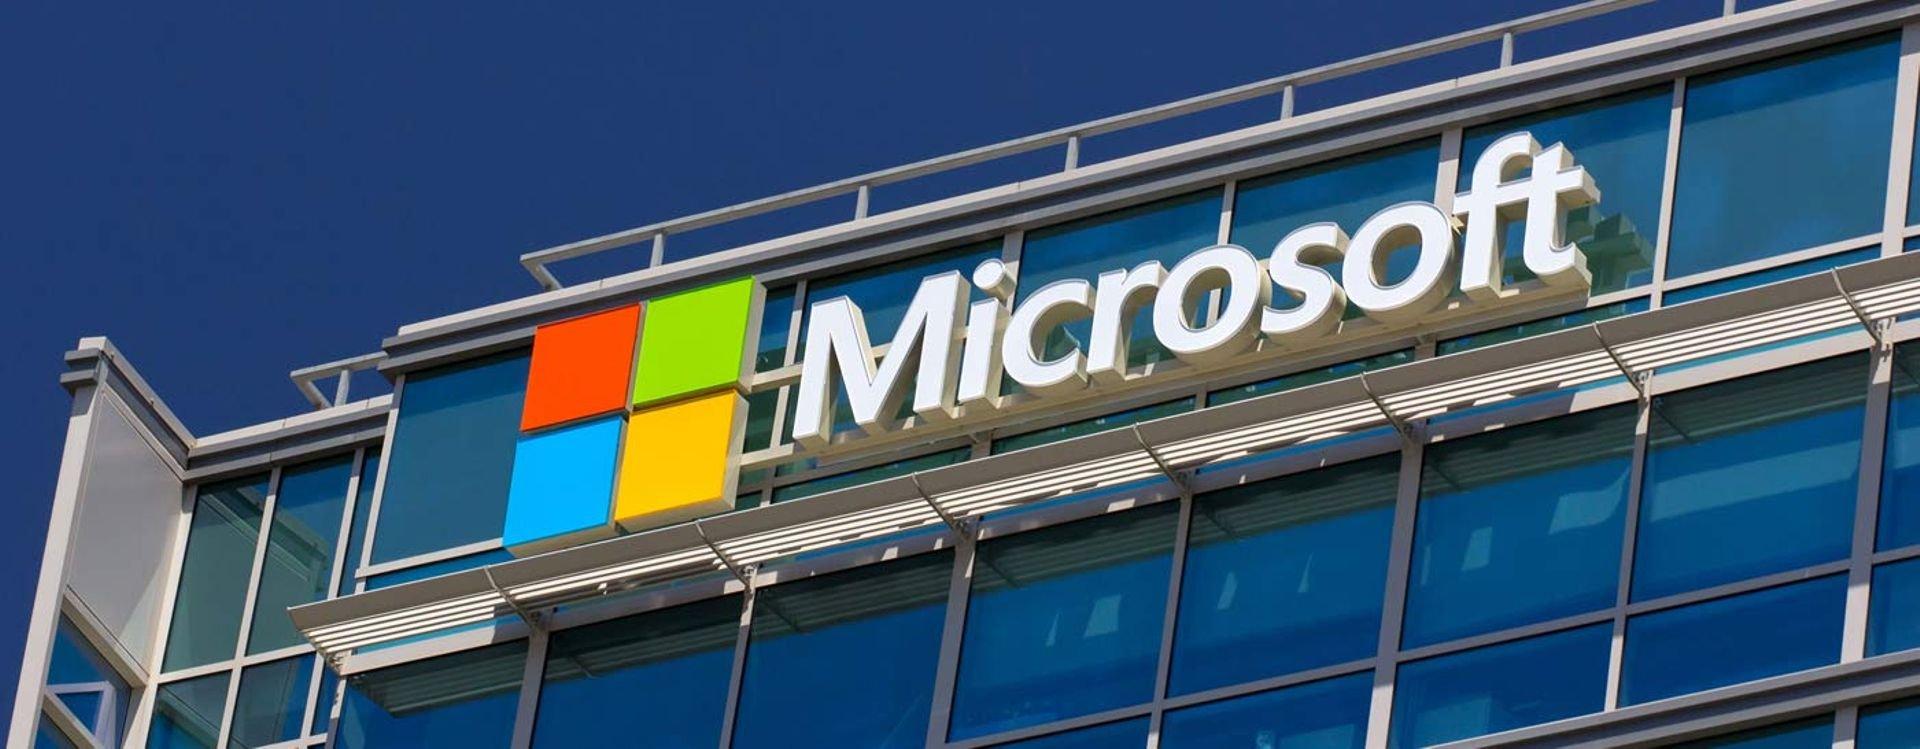 هل ستعلن شركة مايكروسوفت عن حواسيب رخيصة الثمن مخصصة للطلاب؟